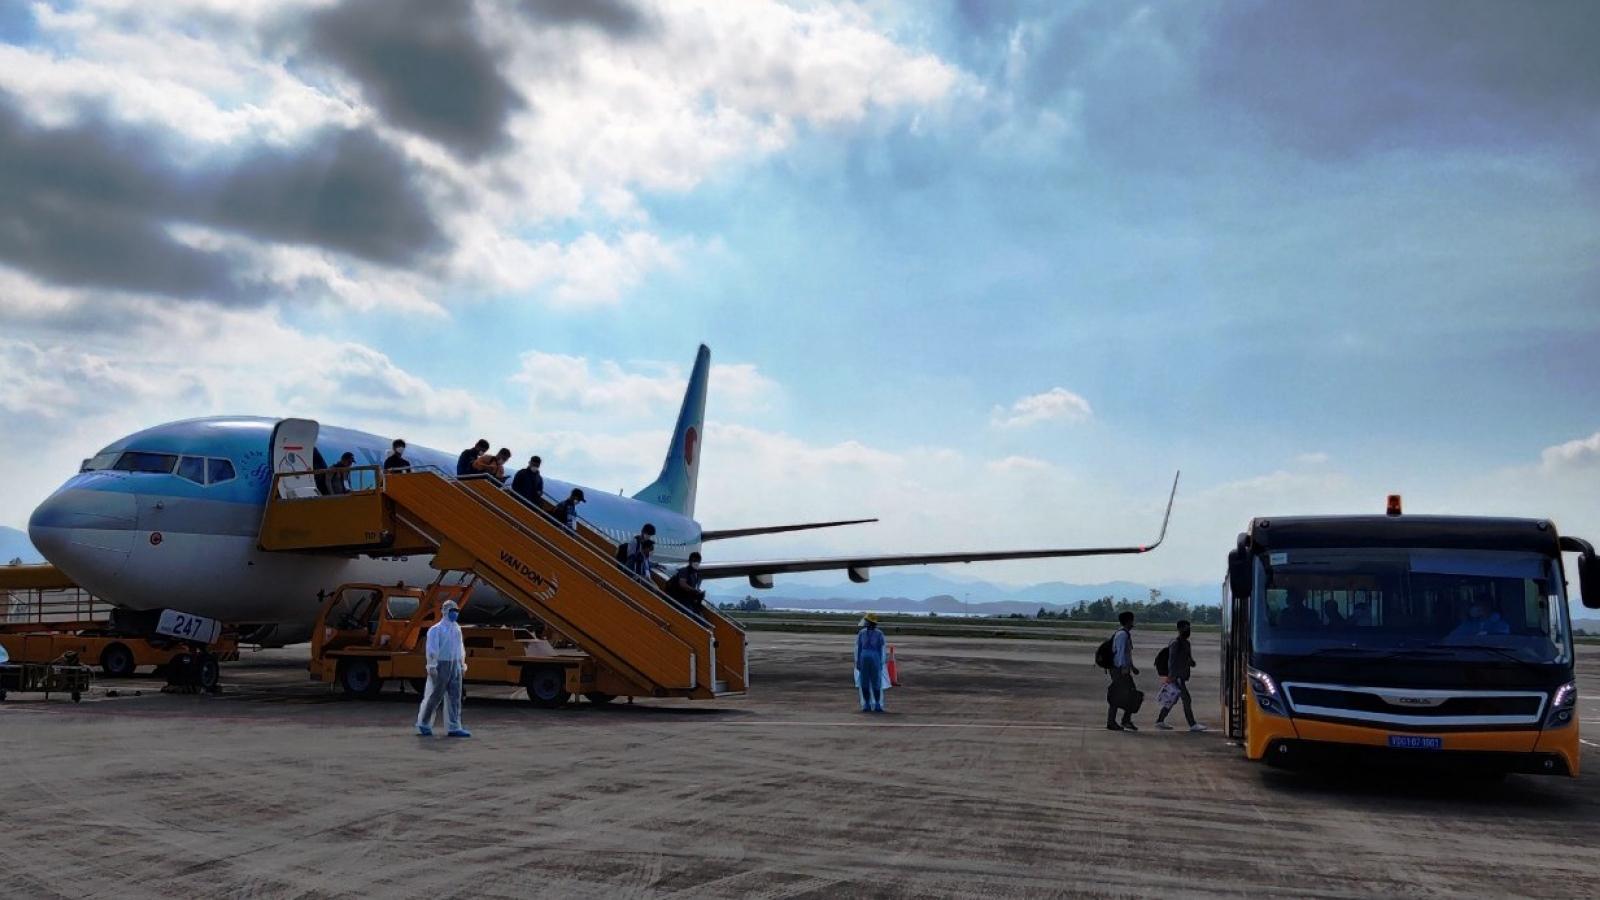 Sân bay Vân Đồn đón 340 chuyên gia Hàn Quốc theo quy trình đặc biệt